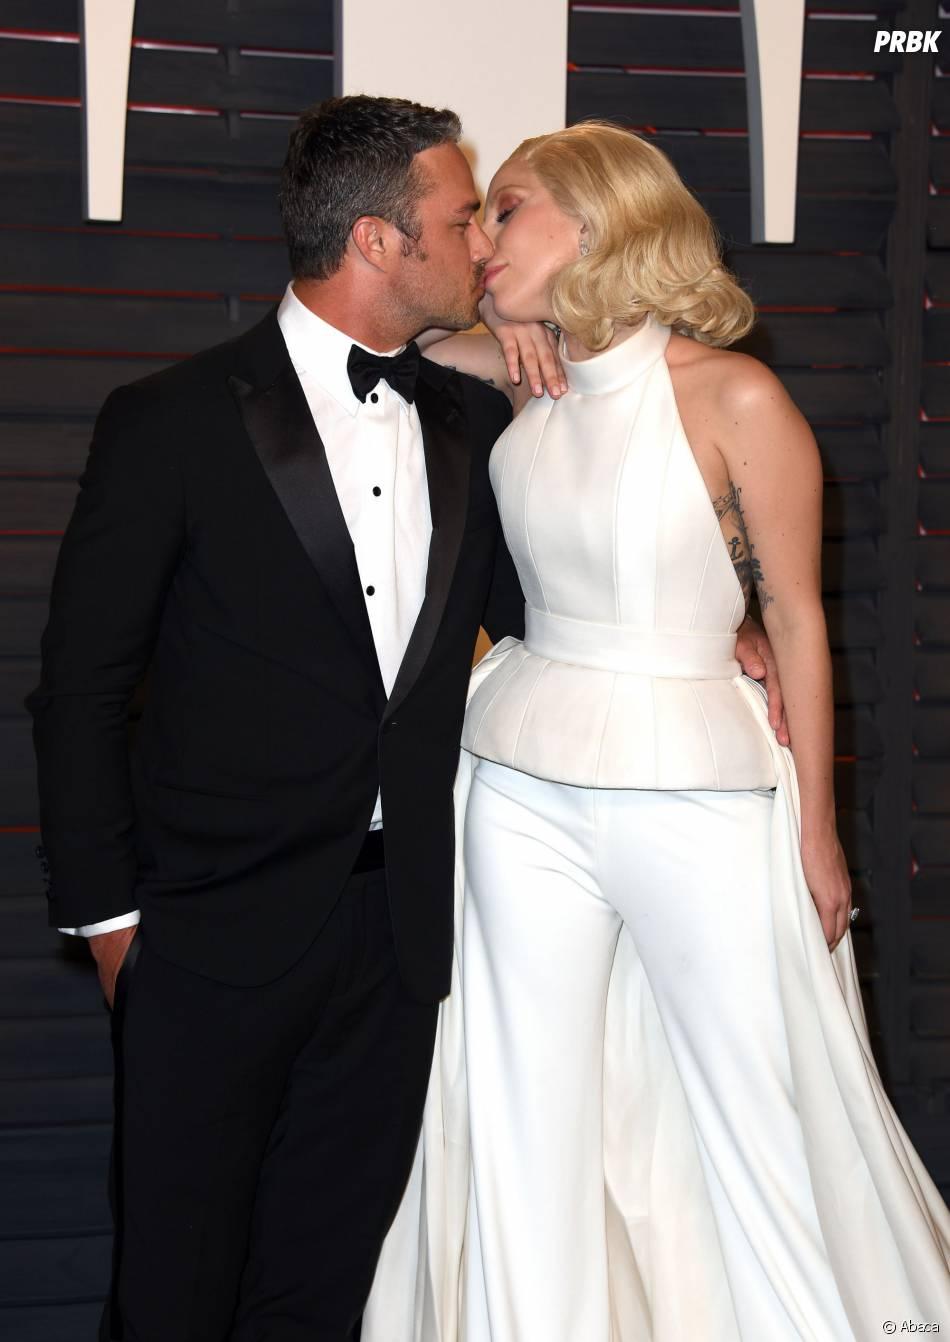 Lady Gaga et Taylor Kinney à la soirée organisée par Vanity Fair après les Oscars le 28 février 2016